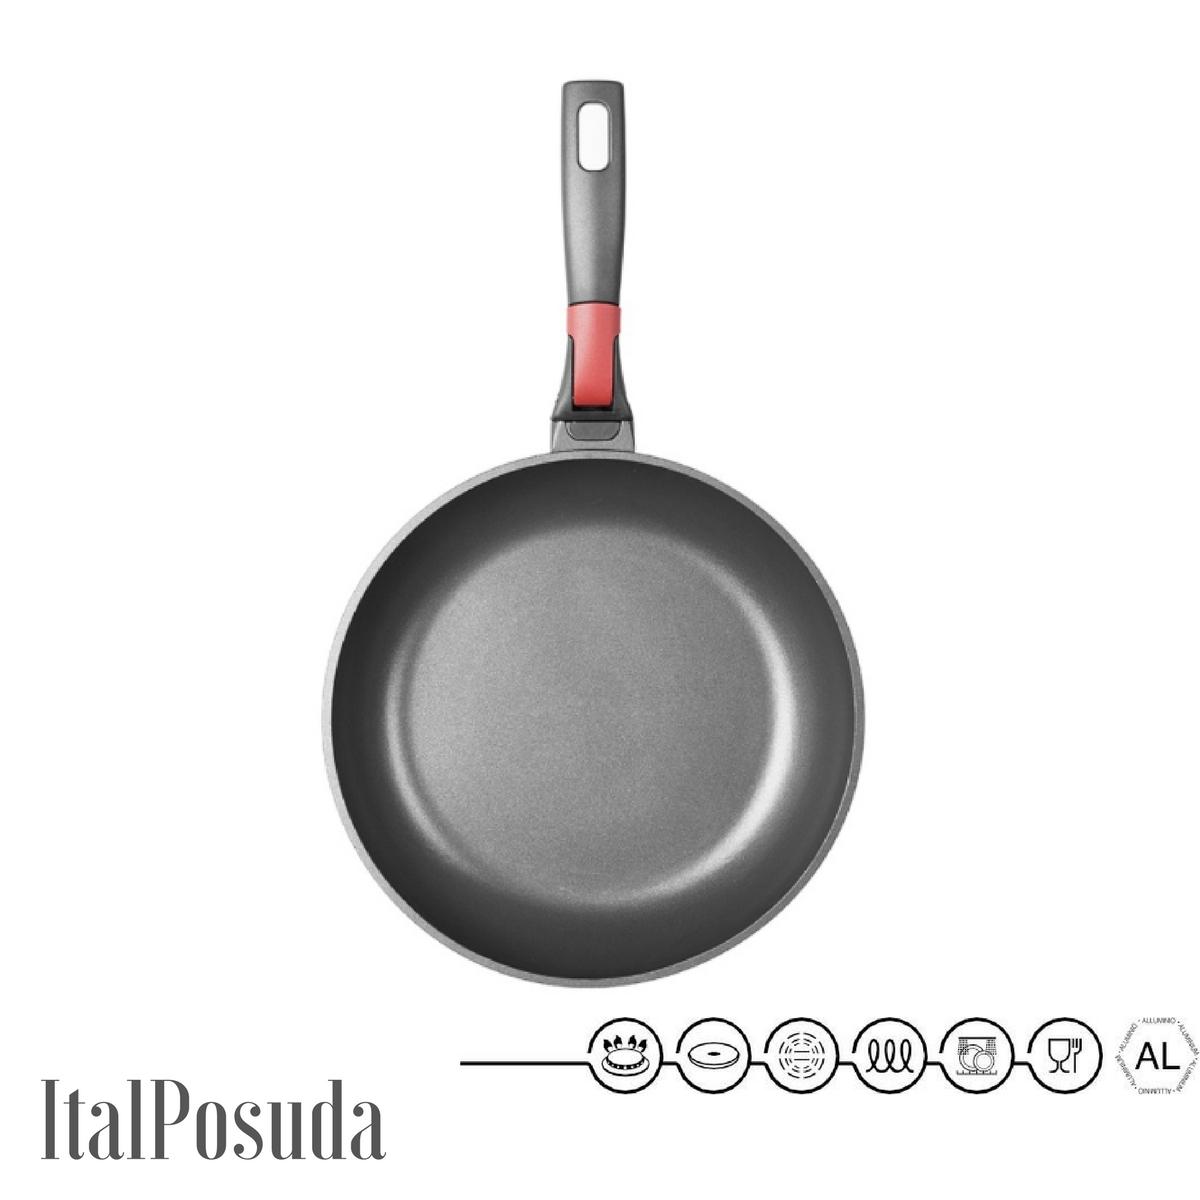 Сковорода со съемной ручкой NADOBA VILMA, 28 см